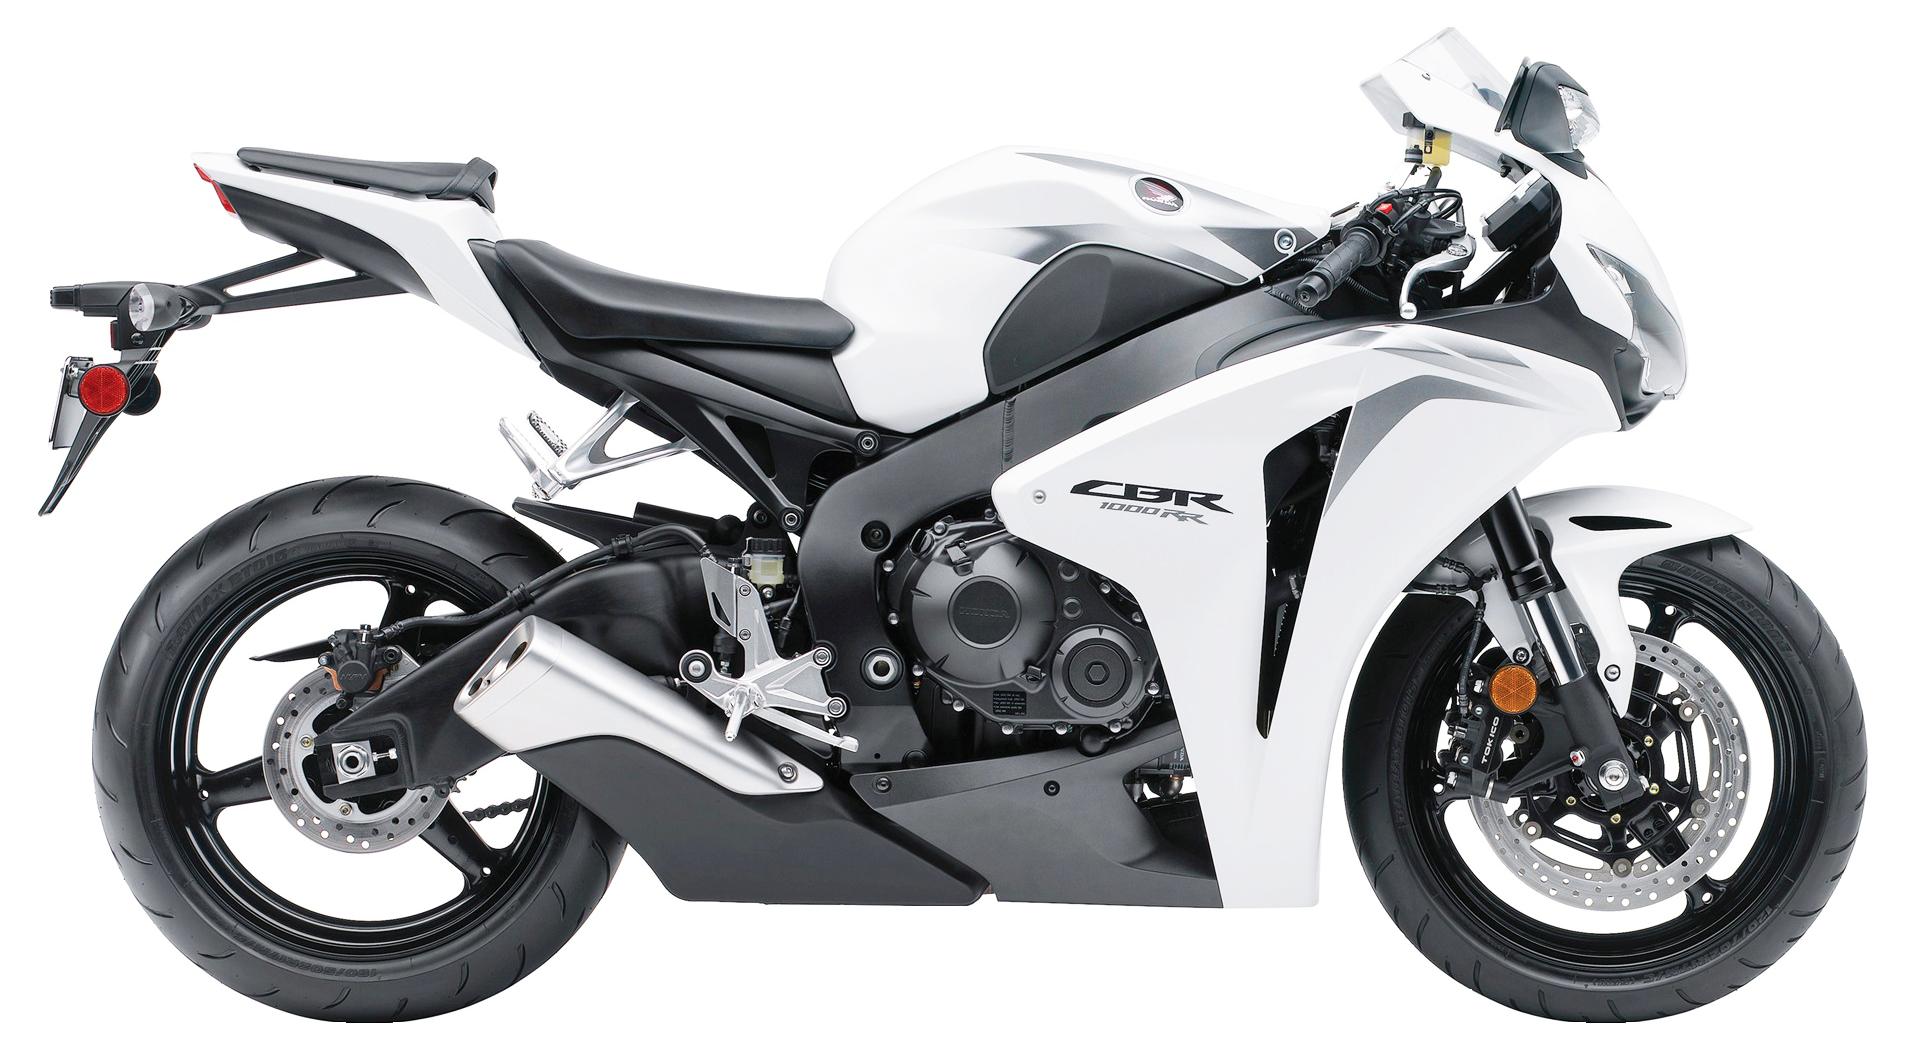 White Honda CBR1000RR PNG Image